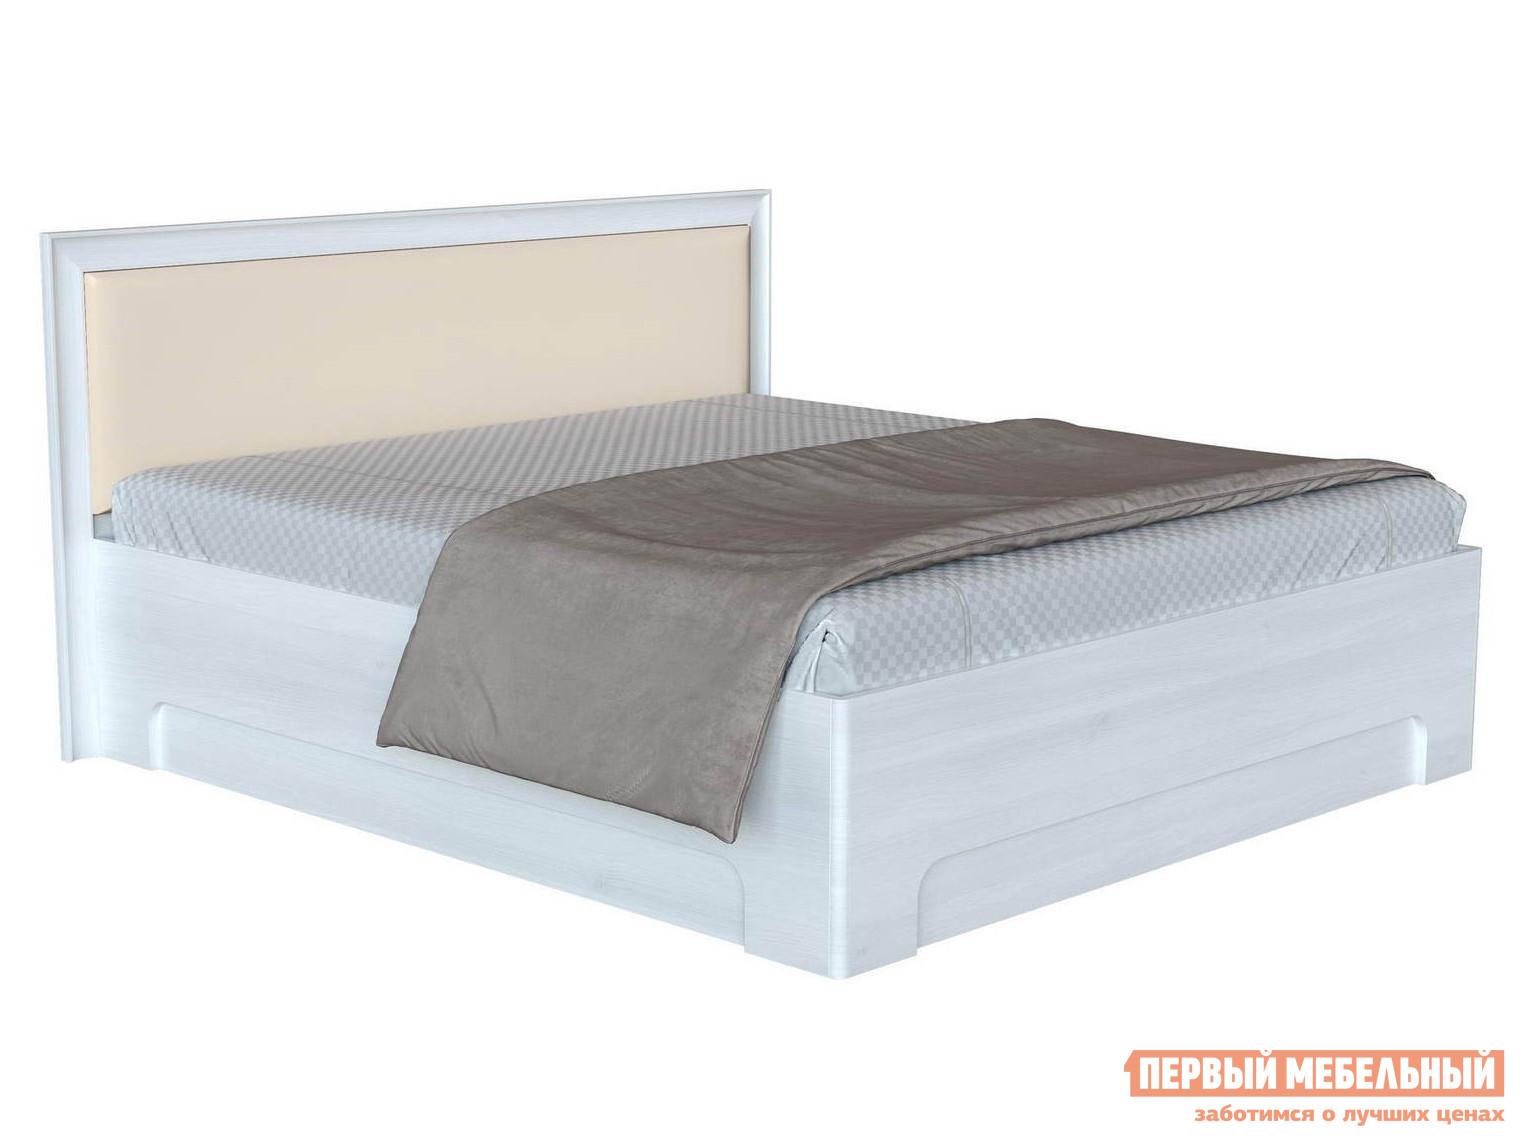 Полутороспальная кровать Первый Мебельный Прато 1-1,5 ПМ полутороспальная кровать первый мебельный кровать милана 140х200